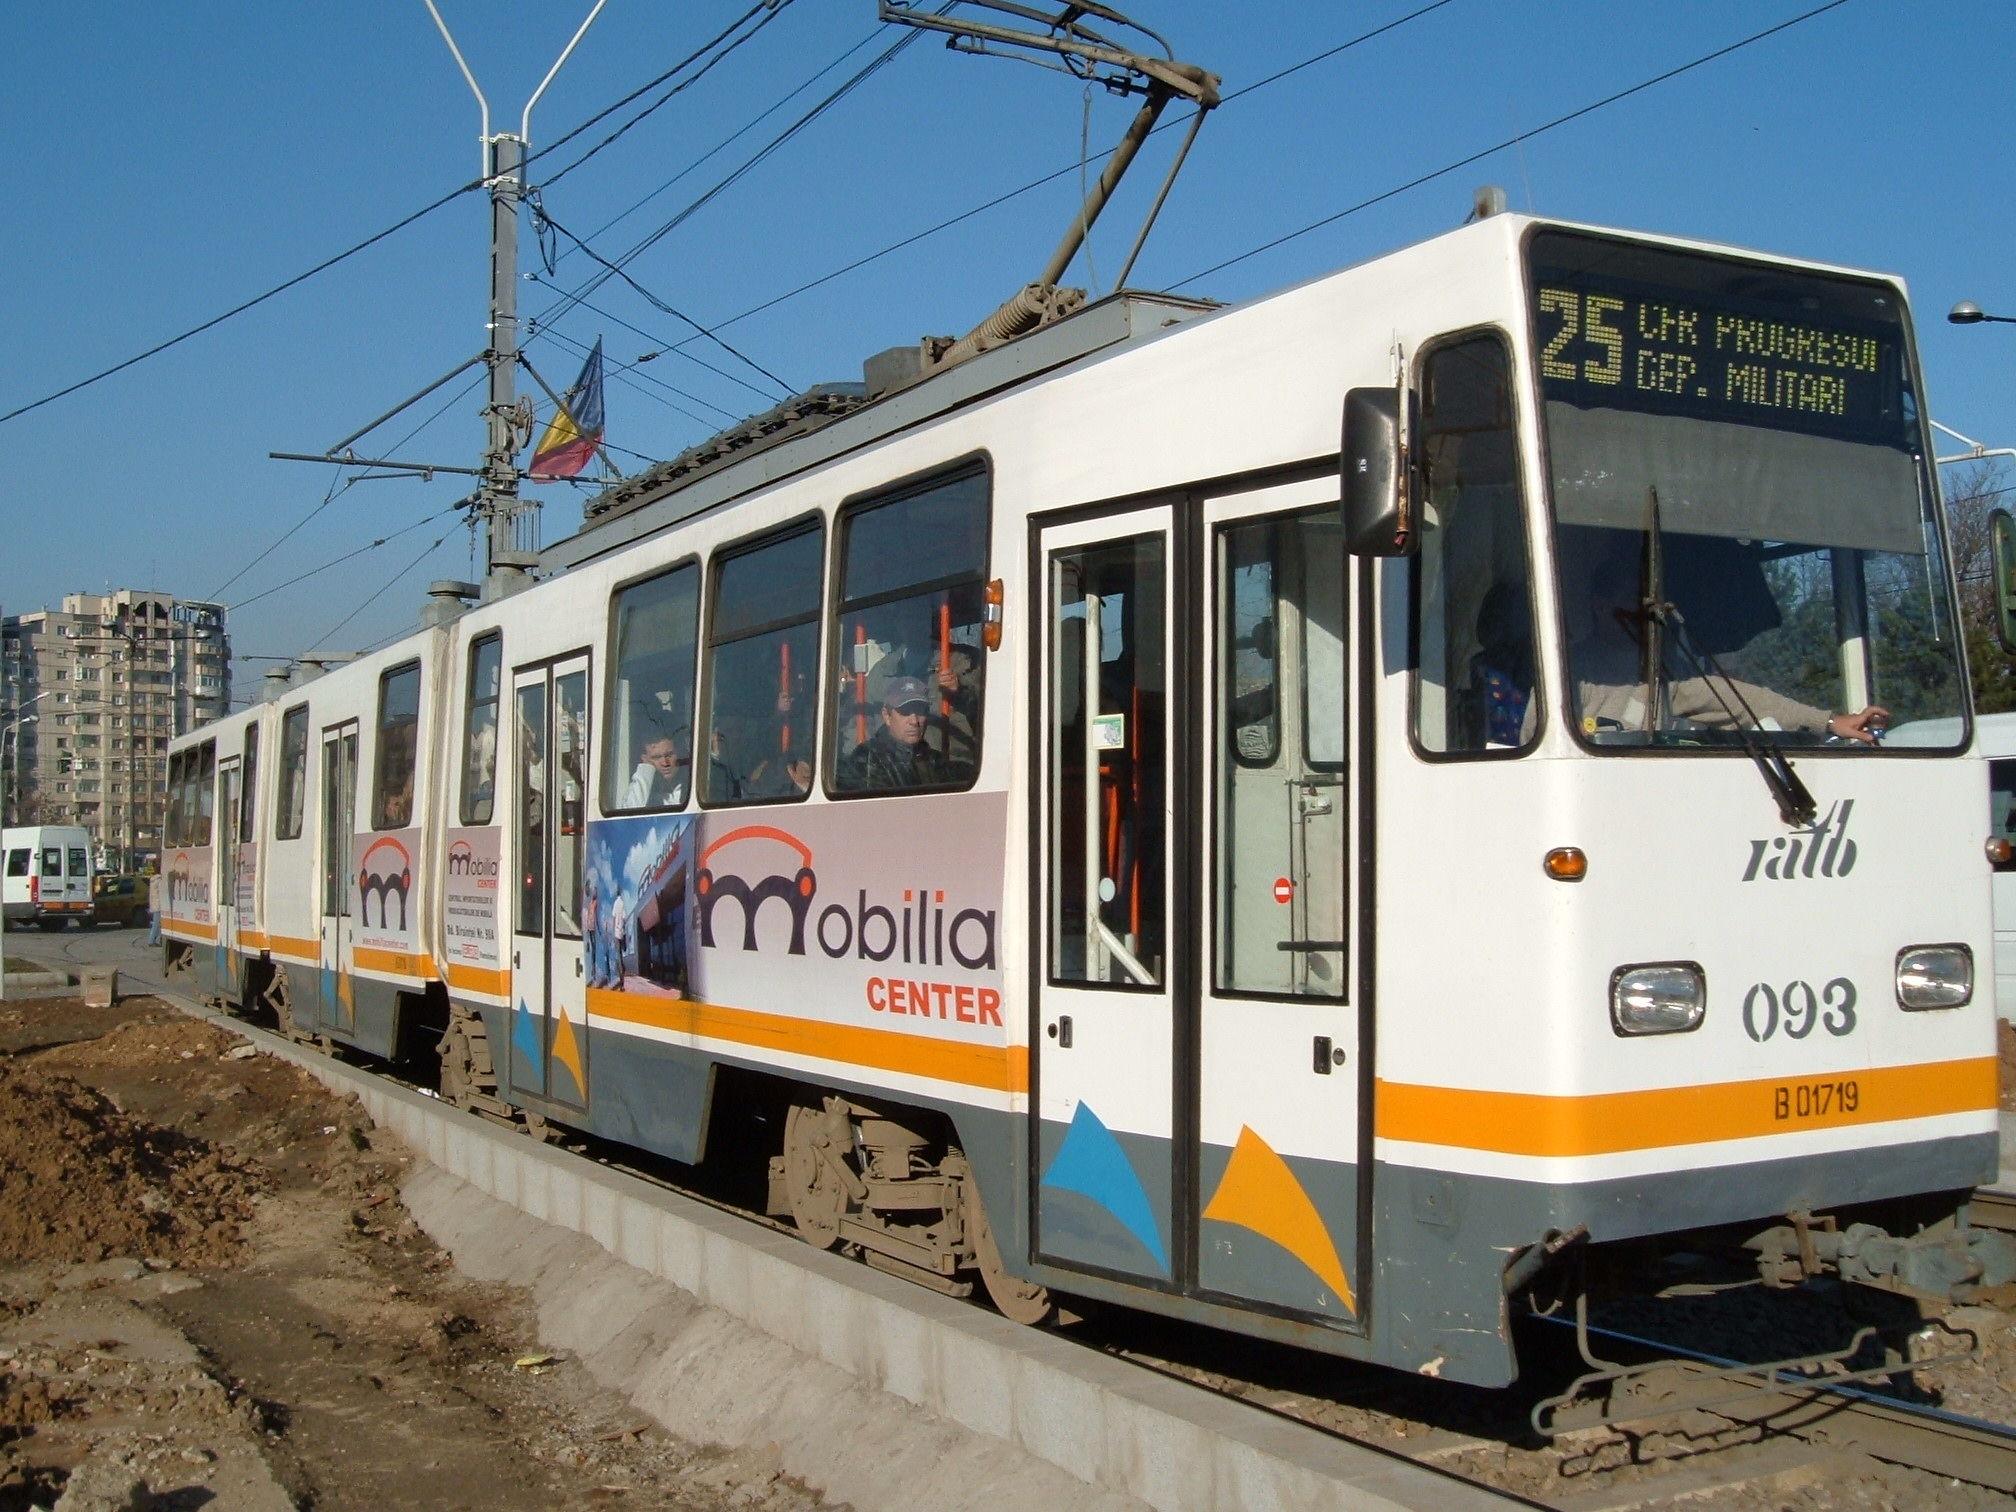 Tramvaie blocate pe șine în București. Circulația urmează să fie reluată în cel mai scurt timp posibil